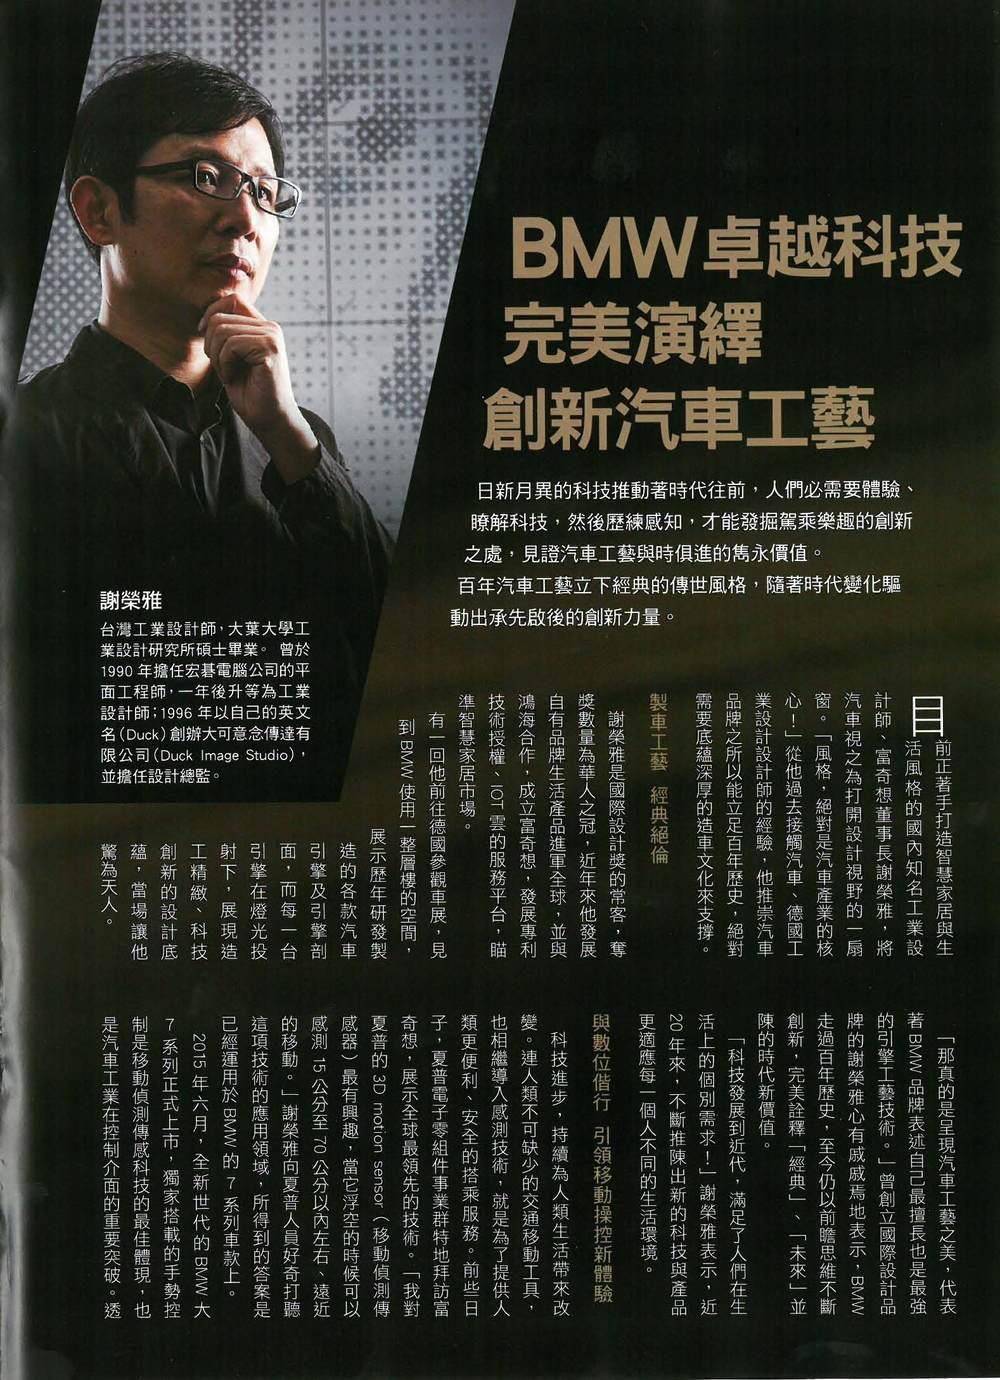 2016年06月27日_未來百貨公司+BMW卓越科技完美演繹創新汽車工藝_商業週刊_頁面_2.jpg